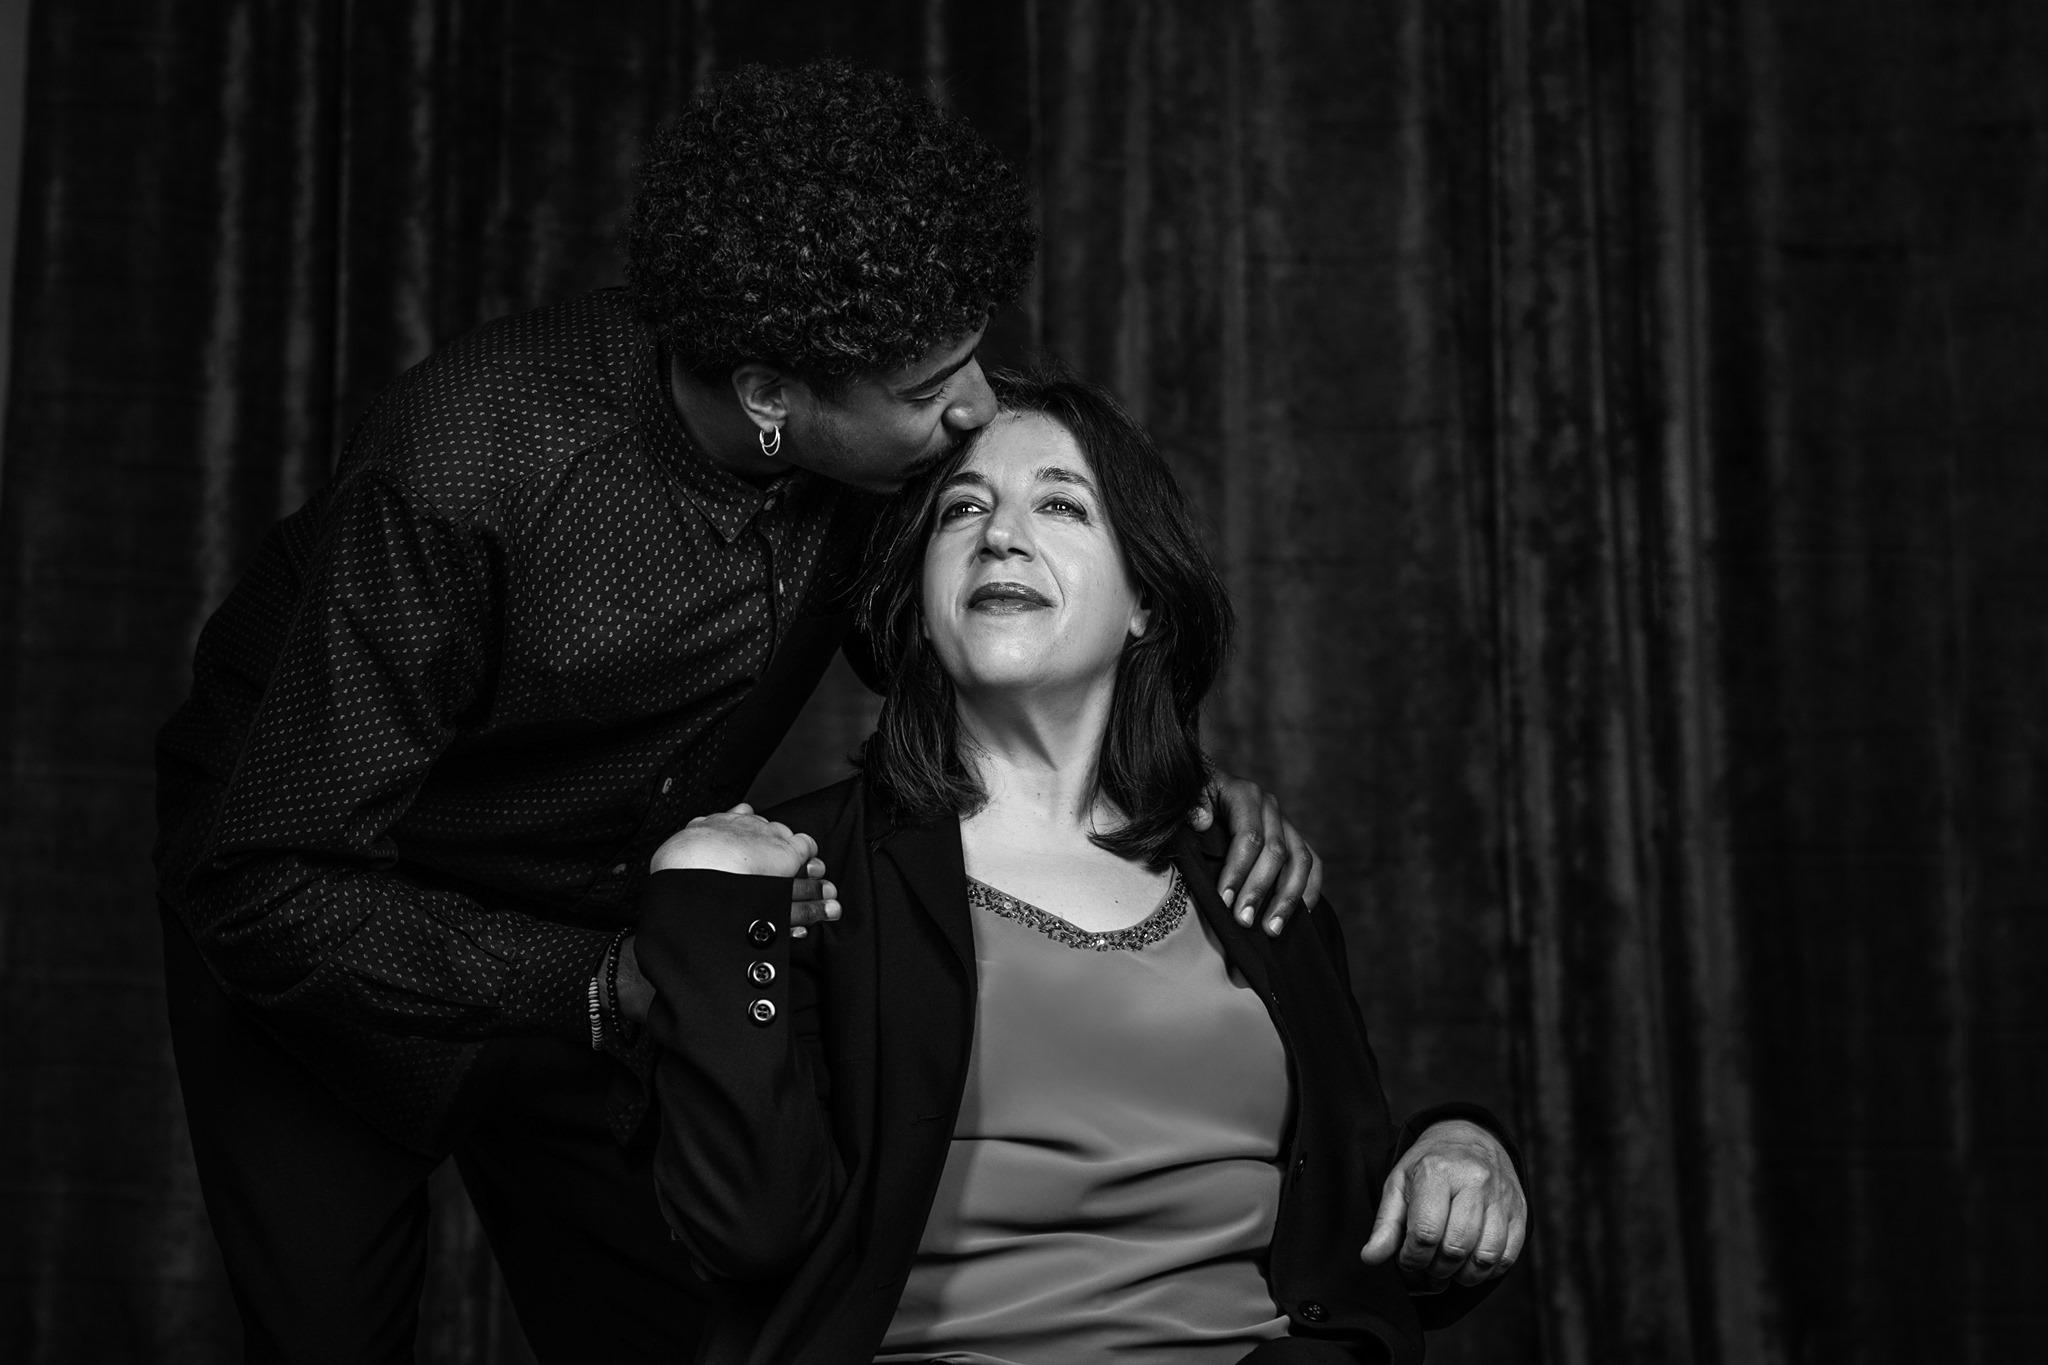 γυμνό μαύρο μαμάδες σέξι Πρωκτικό πορνό βίντεο